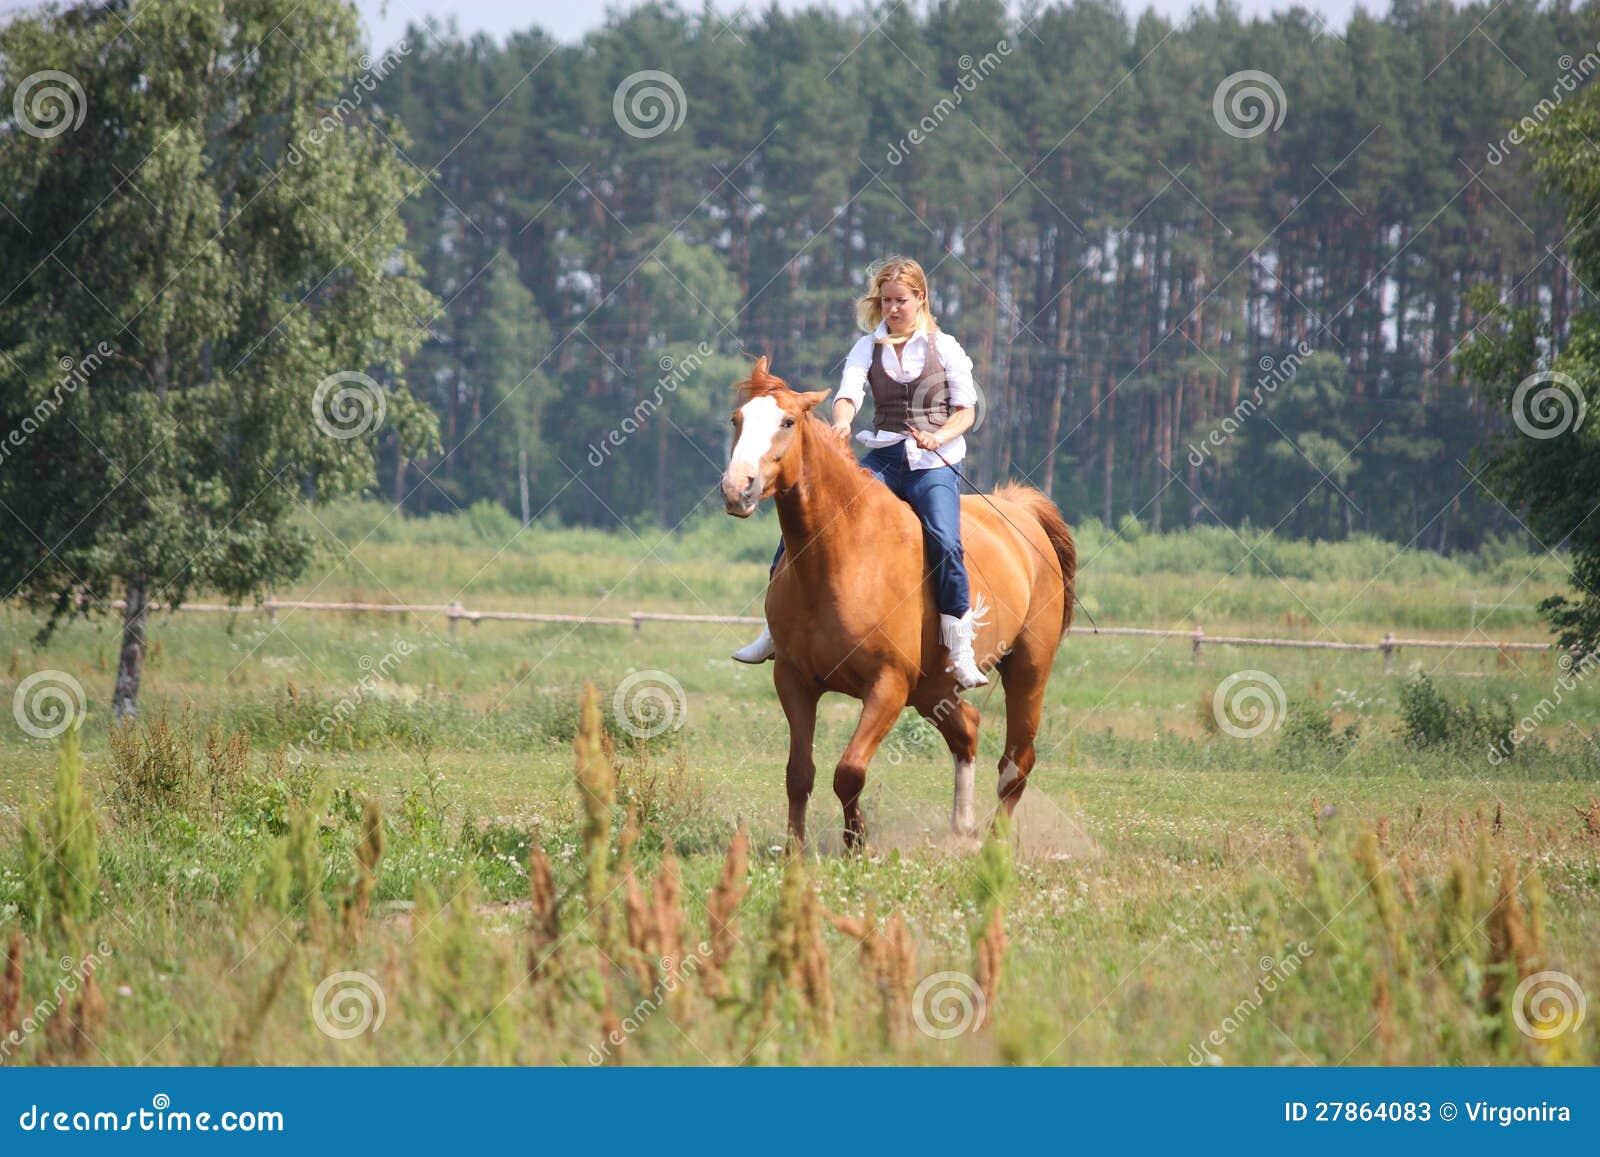 Pięknej blondynki kobiety jeździecki koń jeździecki